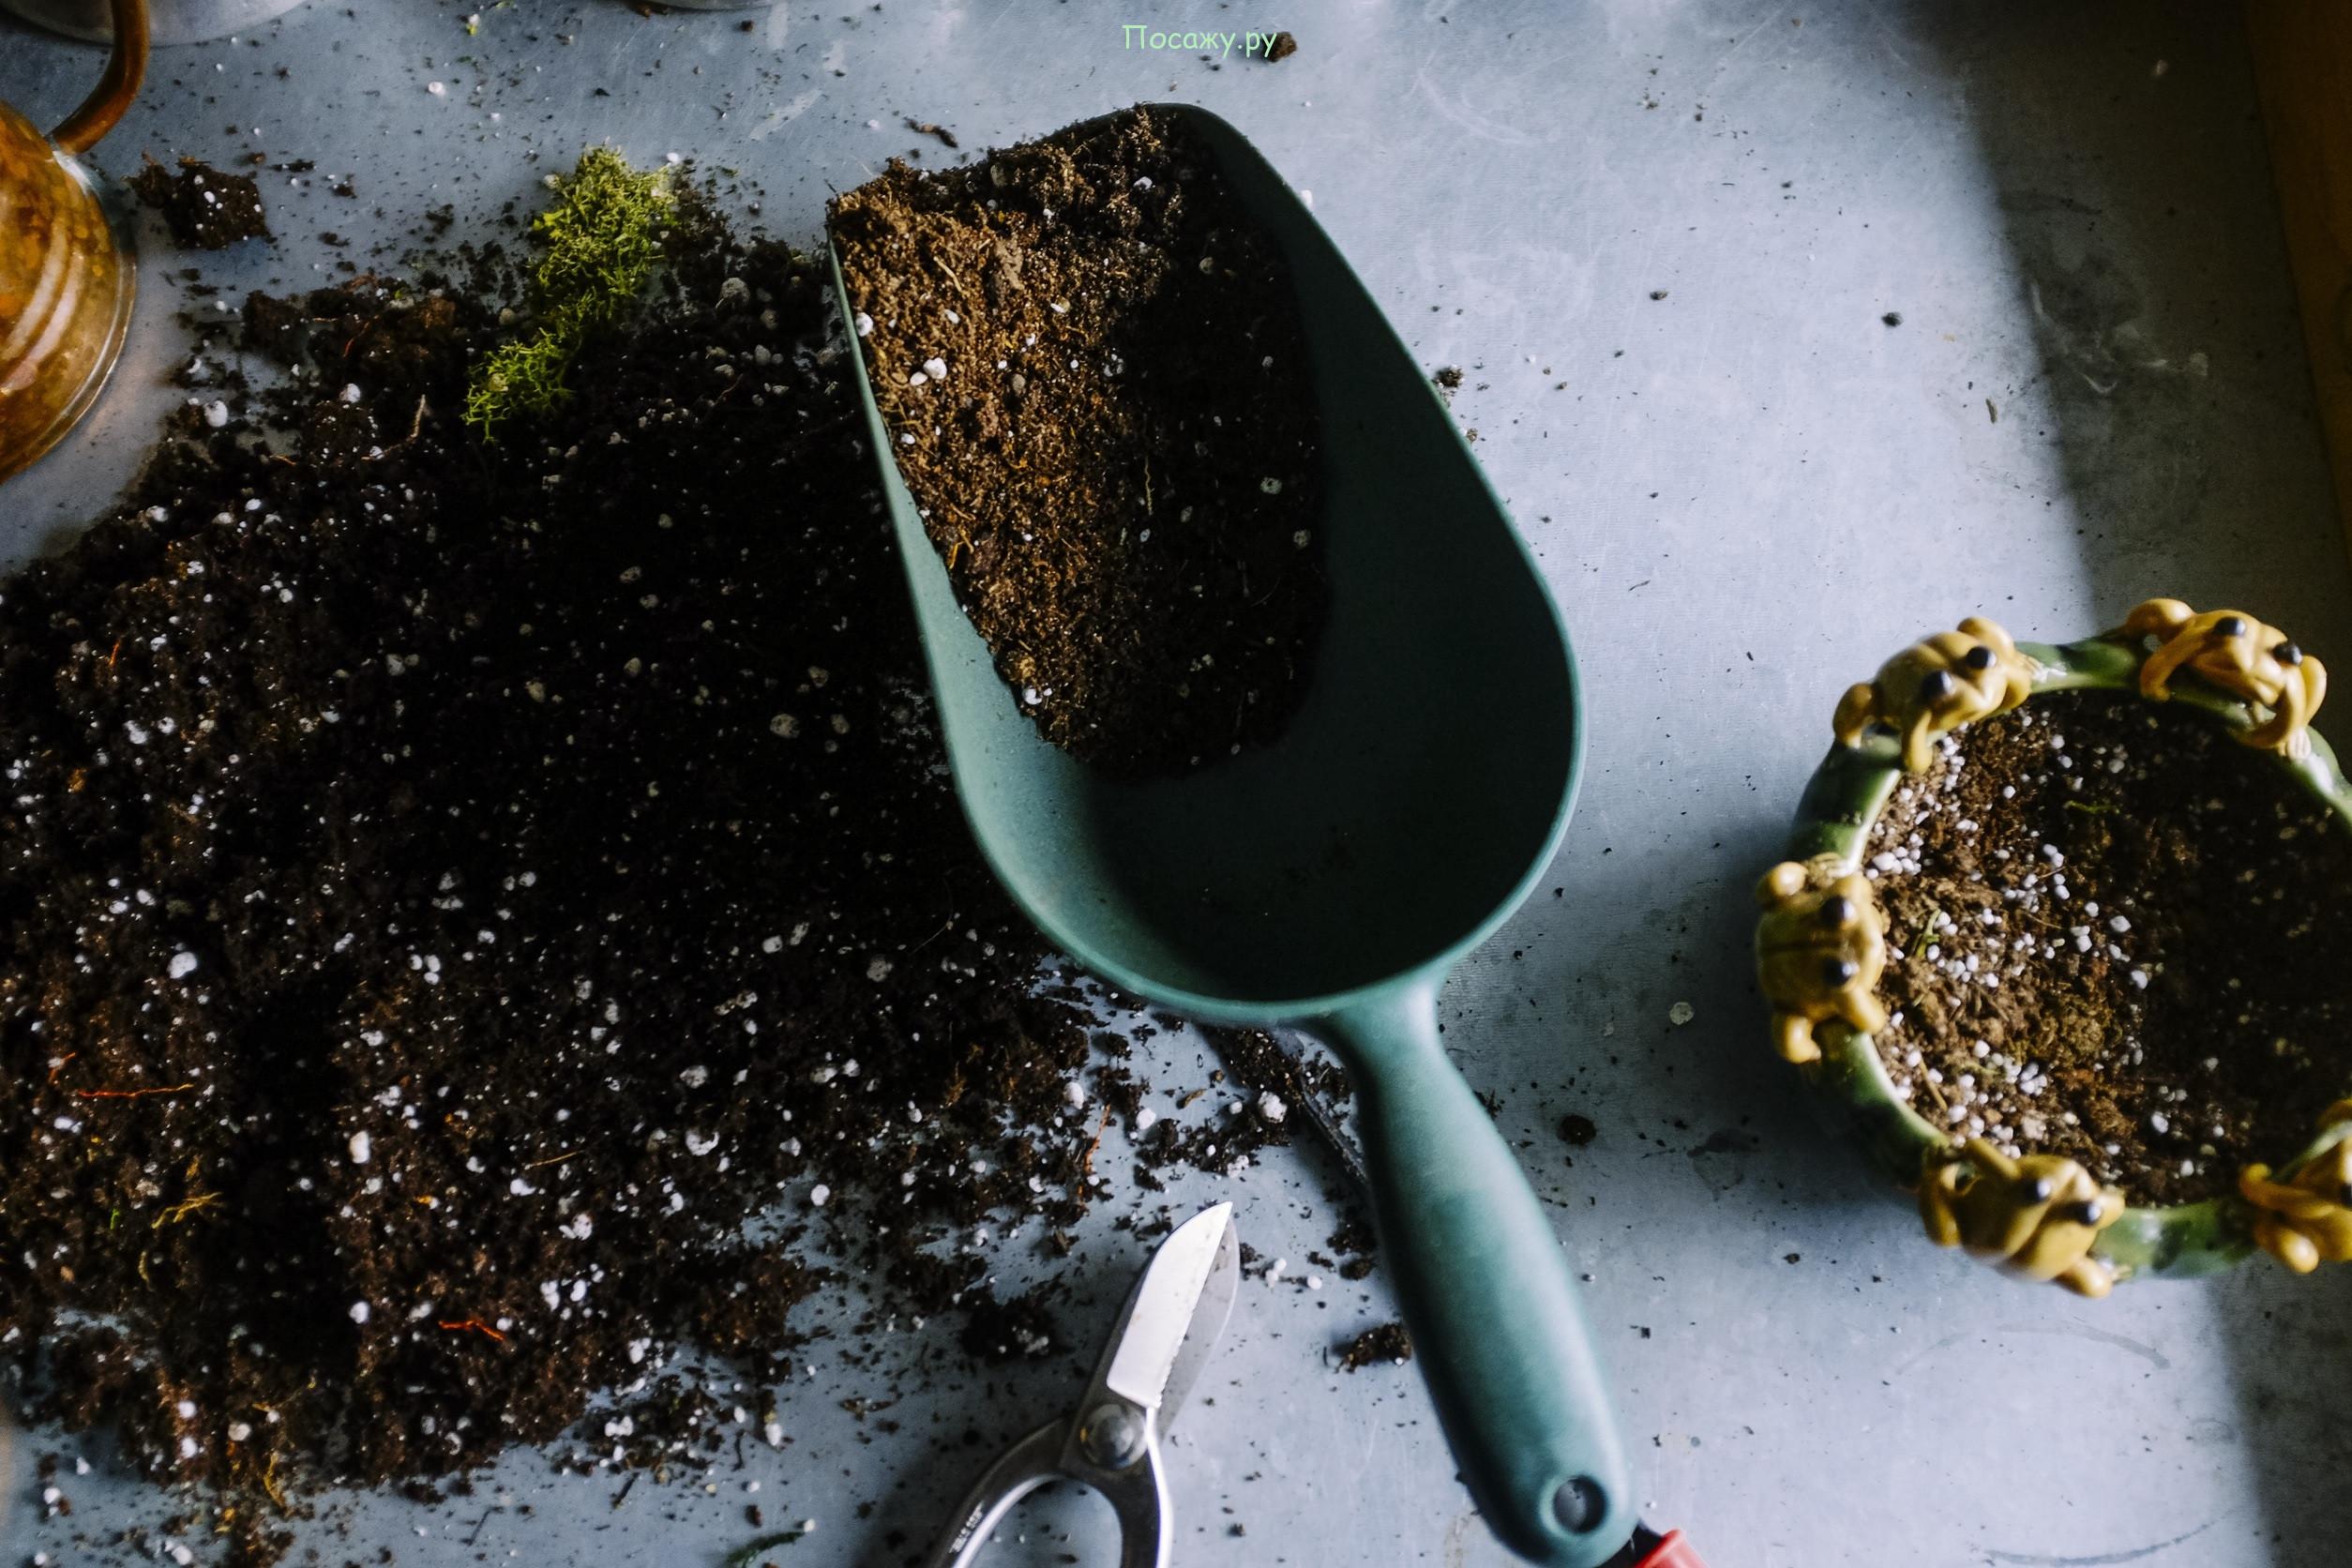 подготовка почвы для посева семян